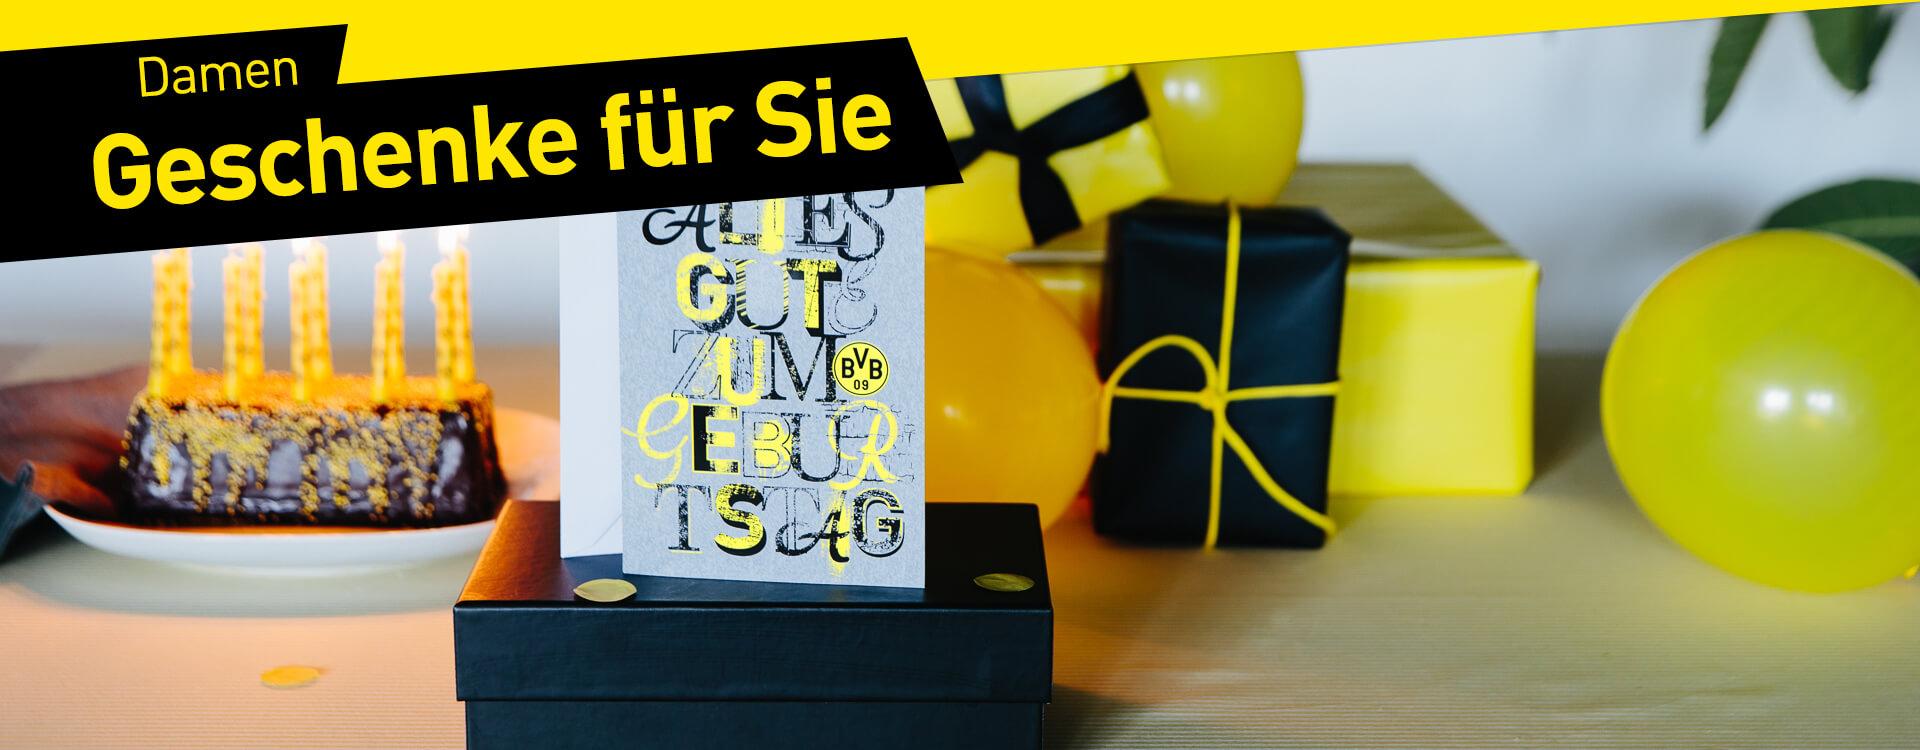 Onlineshop-Kategorieb-hnen-Desktop-1920x750px_Damen_Geschenke